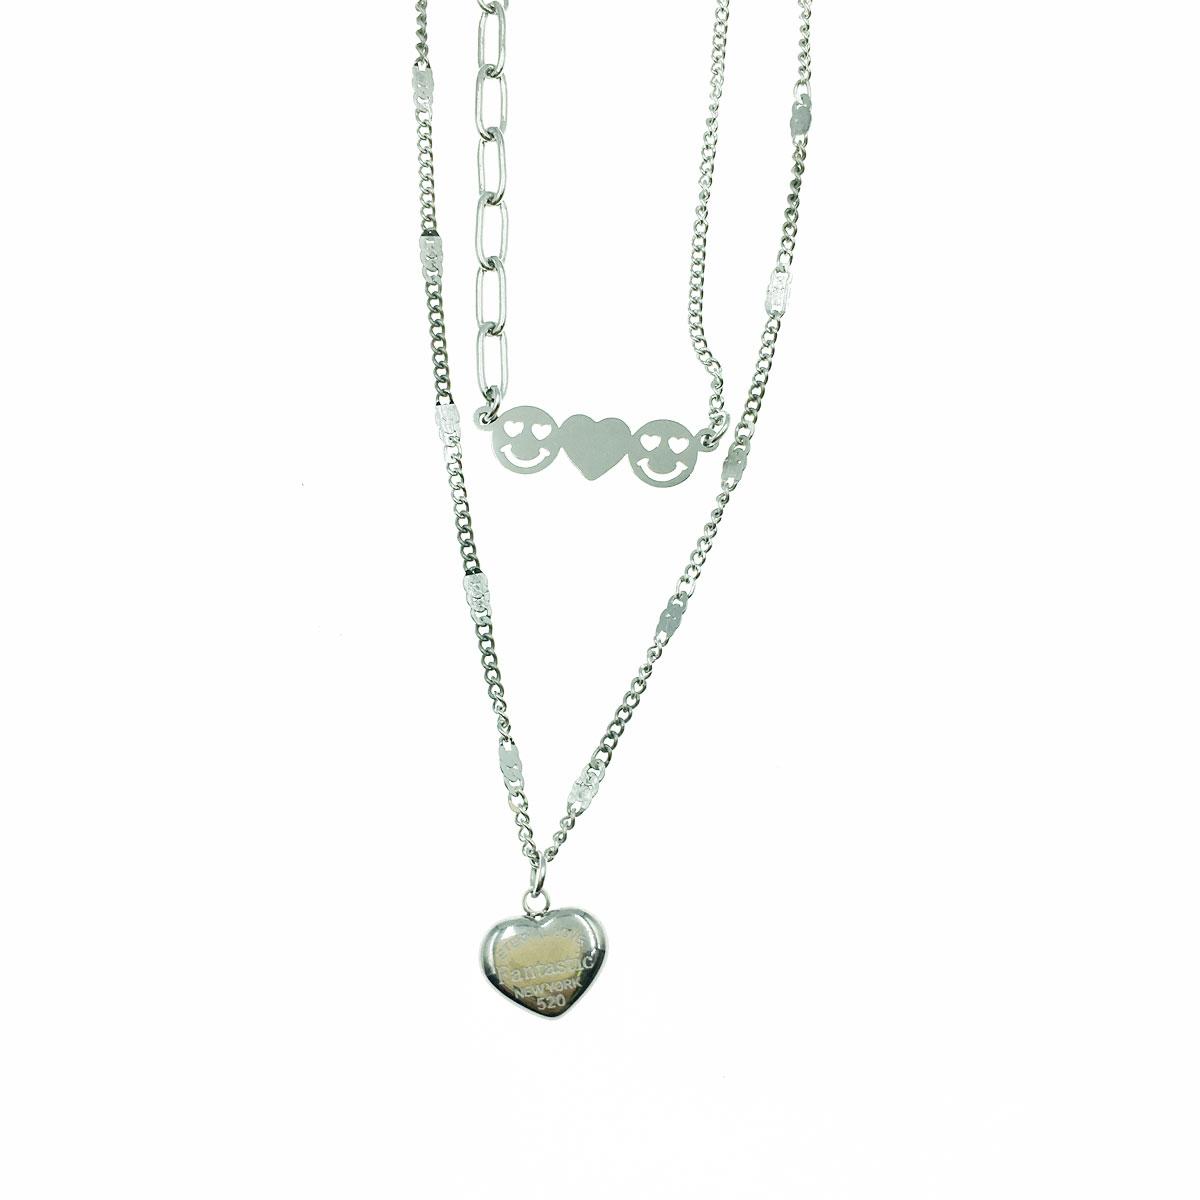 韓國 不銹鋼 愛心 笑臉 微笑 英文 鎖骨鍊 短鍊 項鍊 飾品